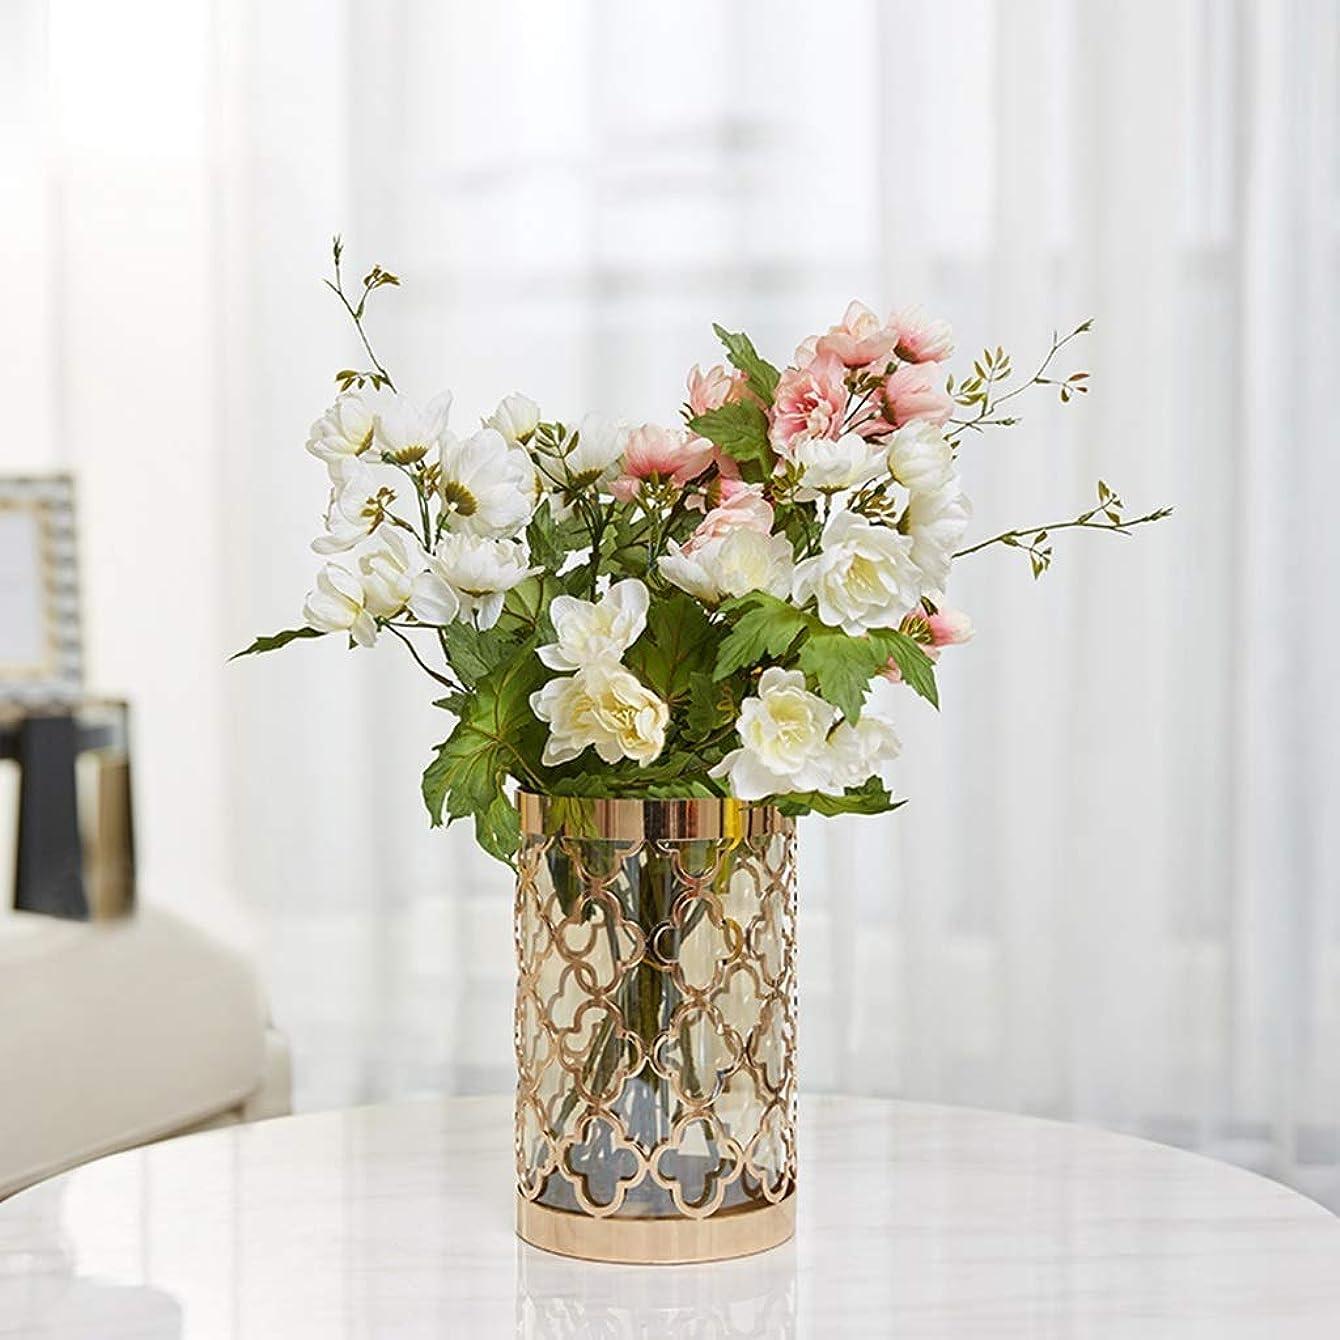 くすぐったい絶縁する中毒花瓶 ルームシミュレーションフラワーアレンジメントドライホームテレビキャビネットデコレーション花瓶メカニズムガラス工芸人工コレクション (Size : Large)